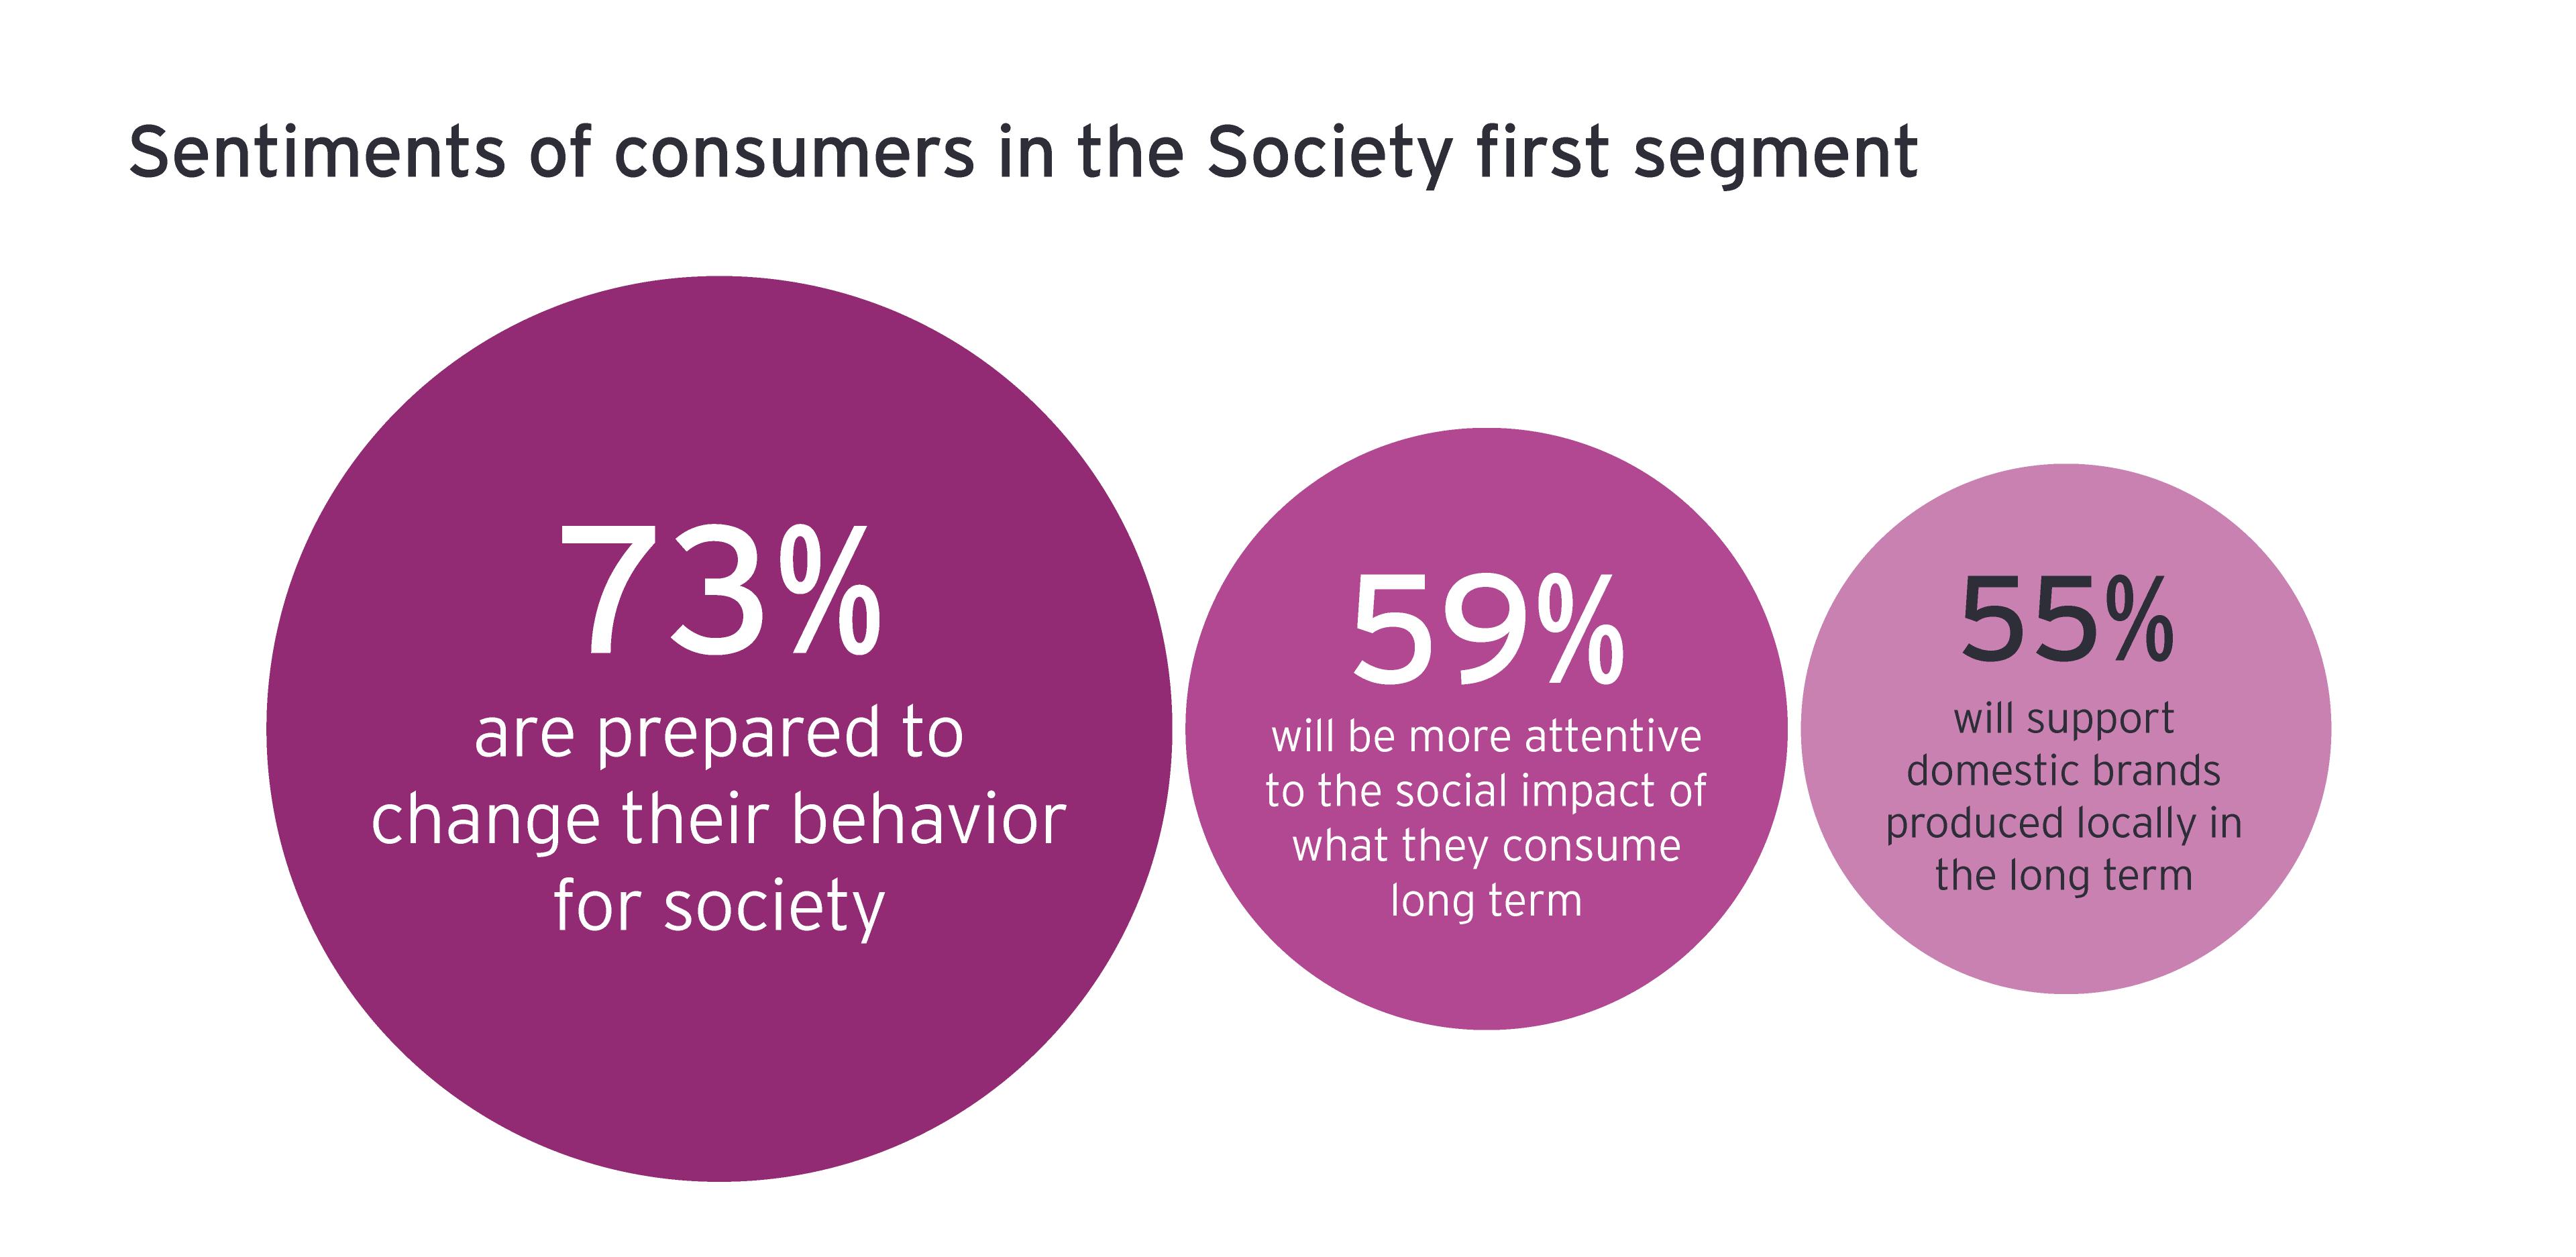 Sentimientos de los consumidores en el primer segmento de la Sociedad